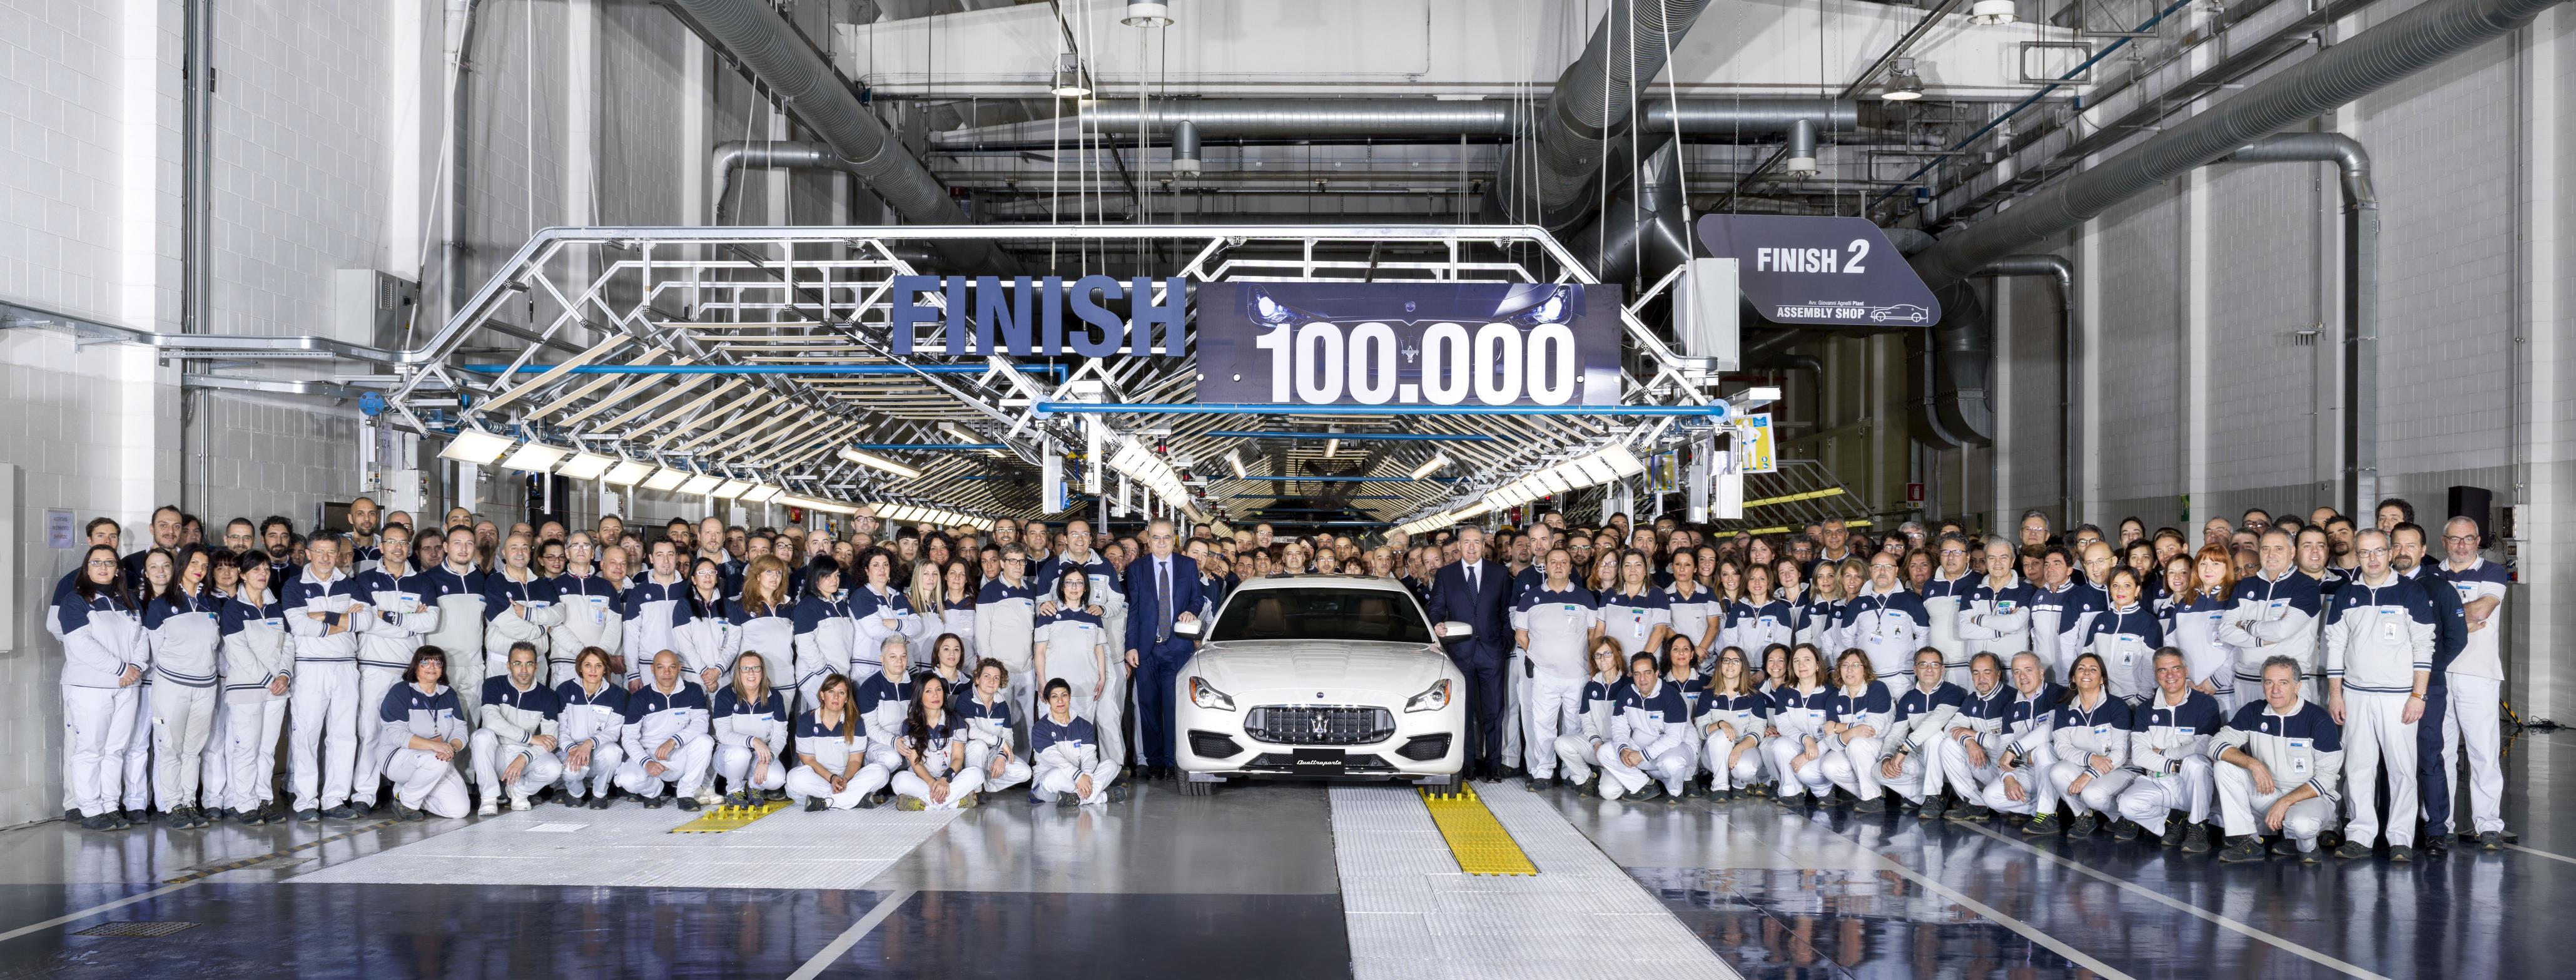 maserati-avv-giovanni-agnelli-plant-produces-100000th-car-since-2013-113447_1